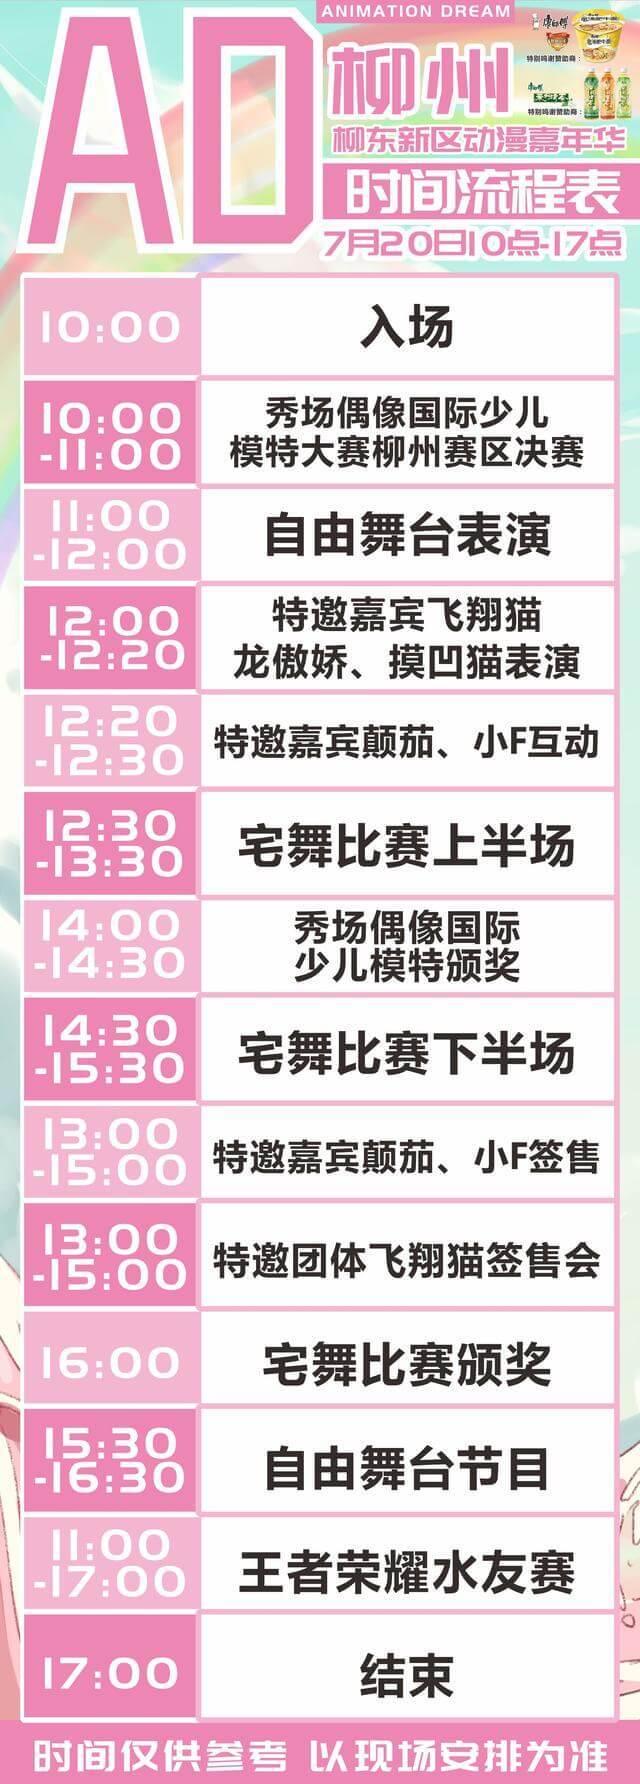 清凉一夏,柳州AD动漫嘉年华最强终宣来袭-C3动漫网